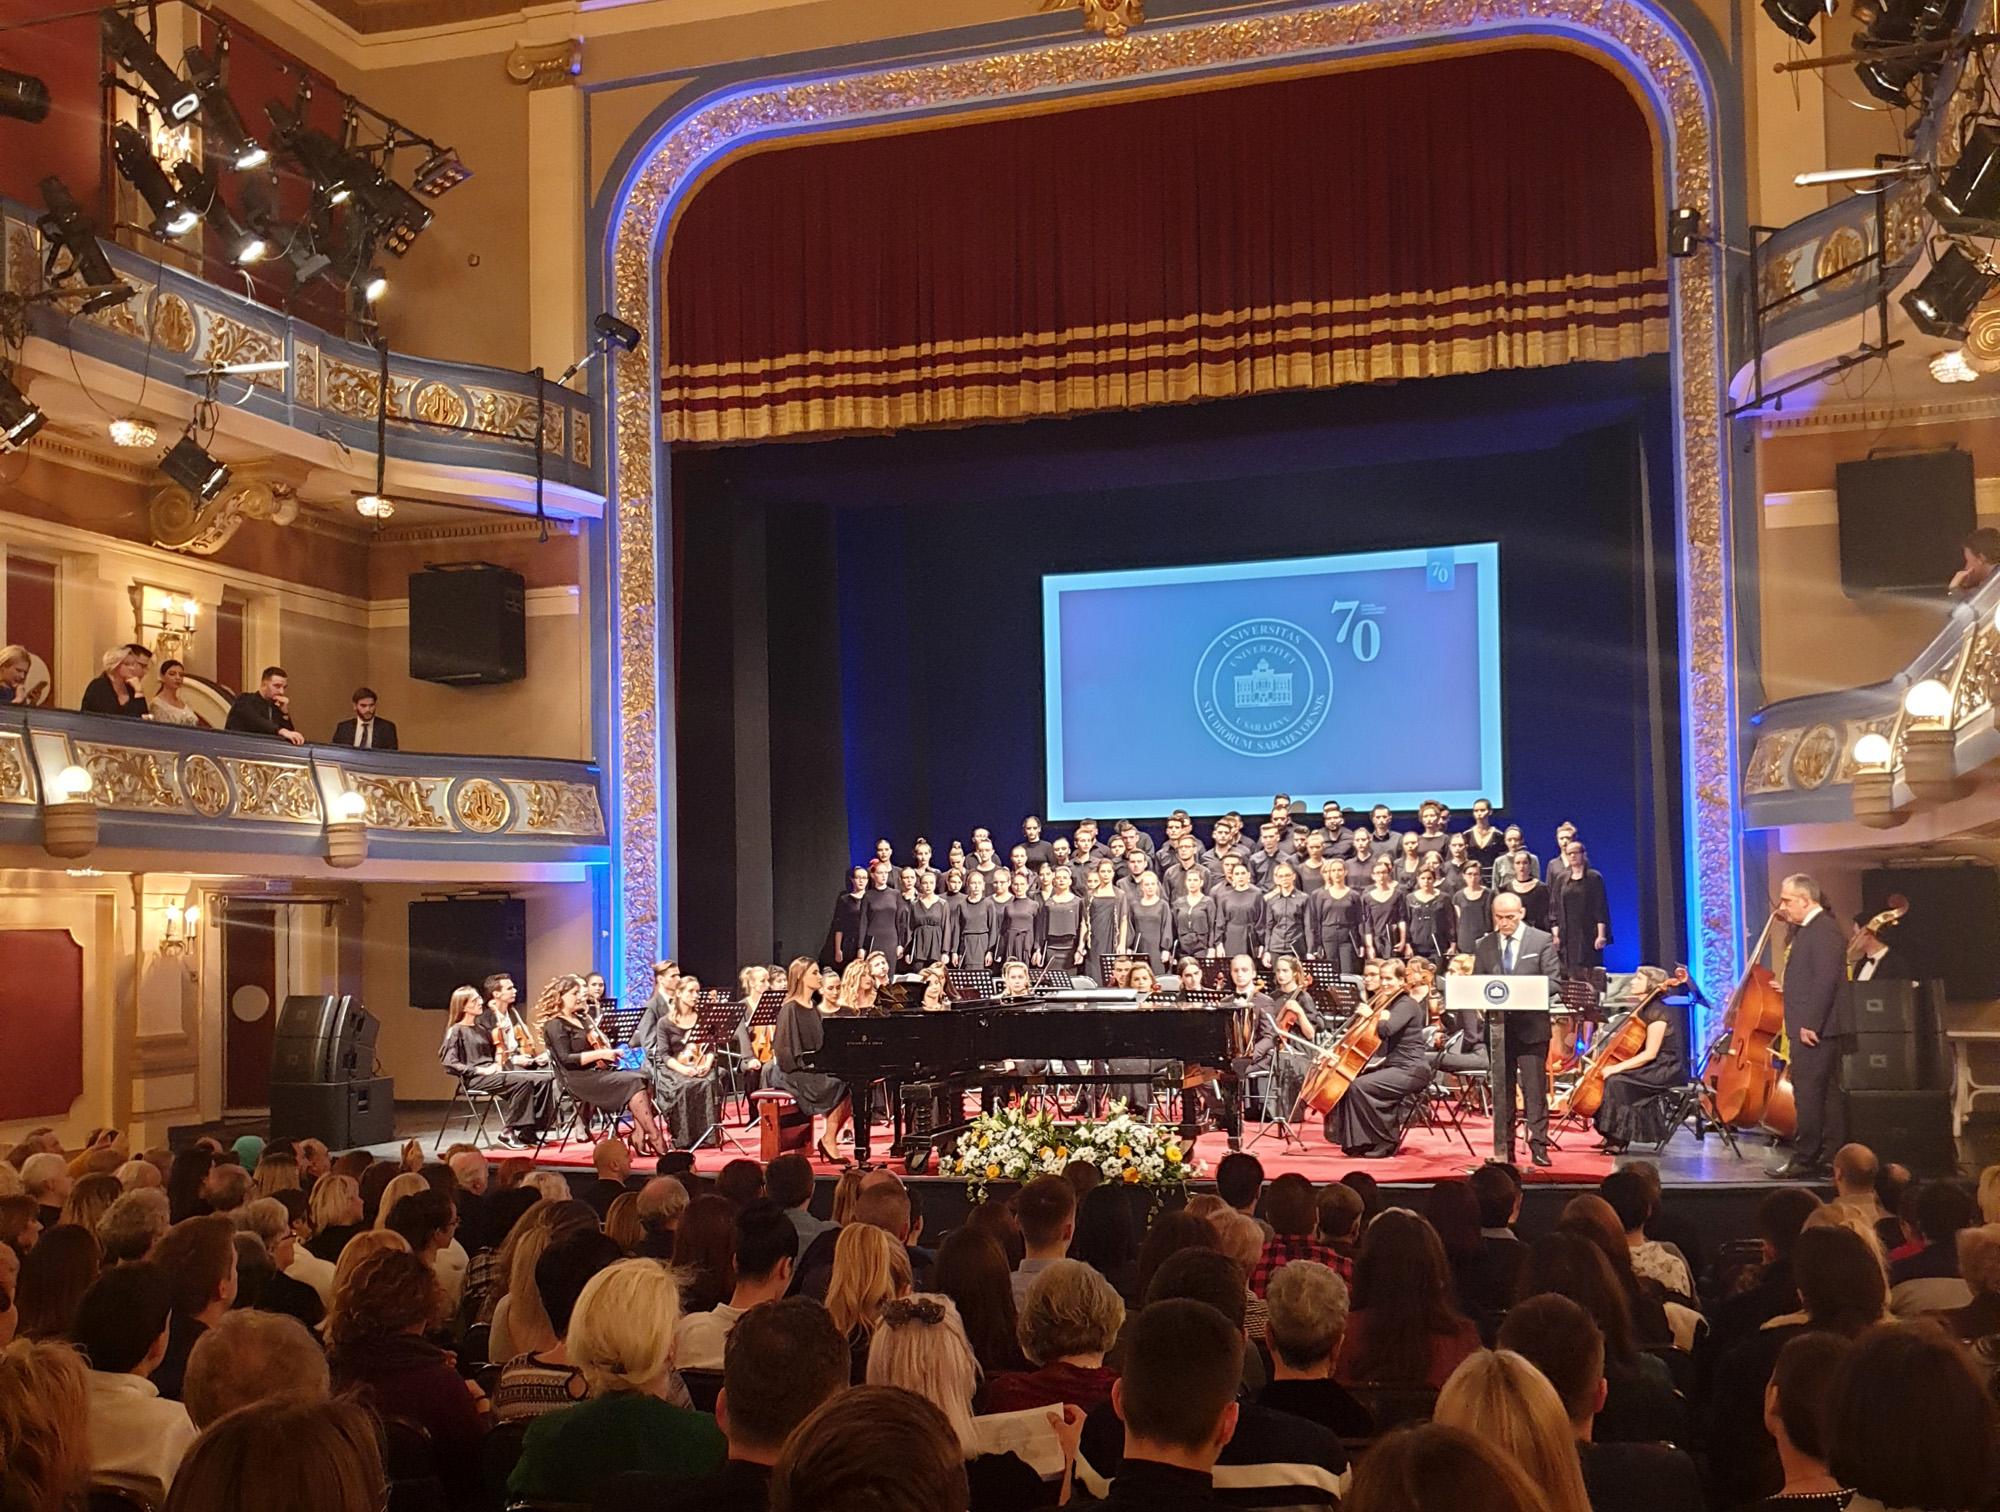 Gala koncert povodom obilježavanja 70 godina Univerziteta u Sarajevu